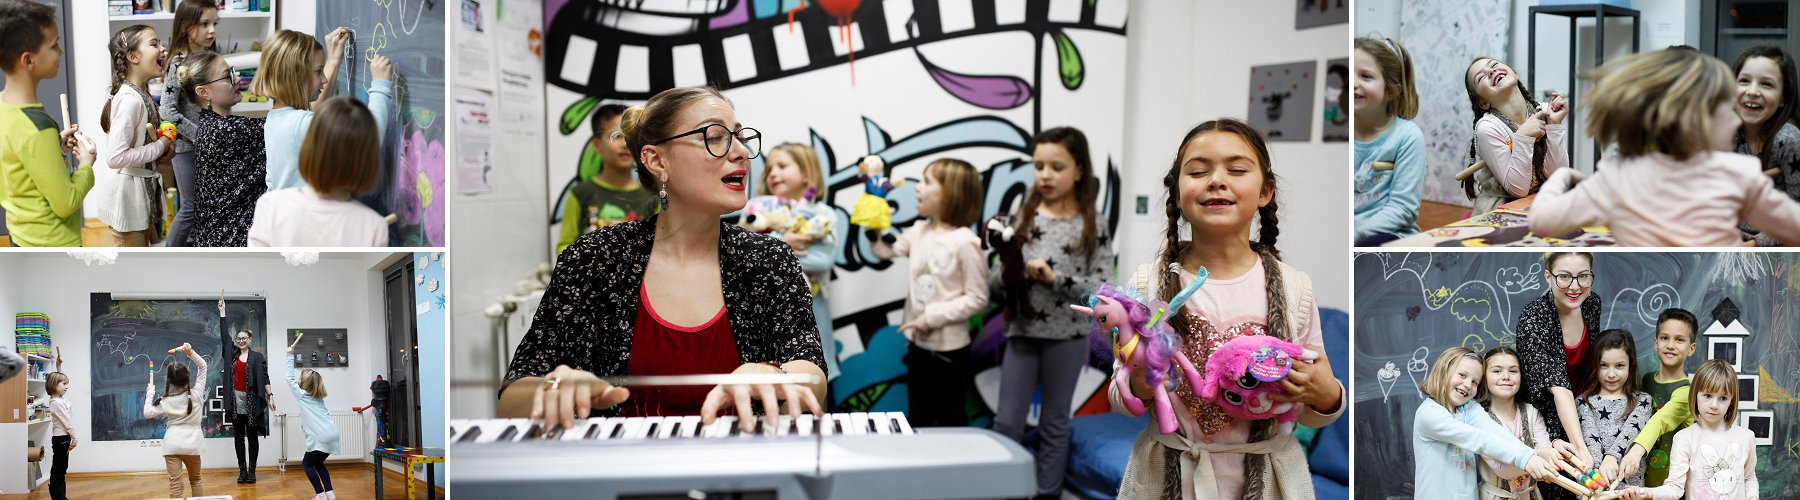 glazbene radionice i radinoice pjevanja